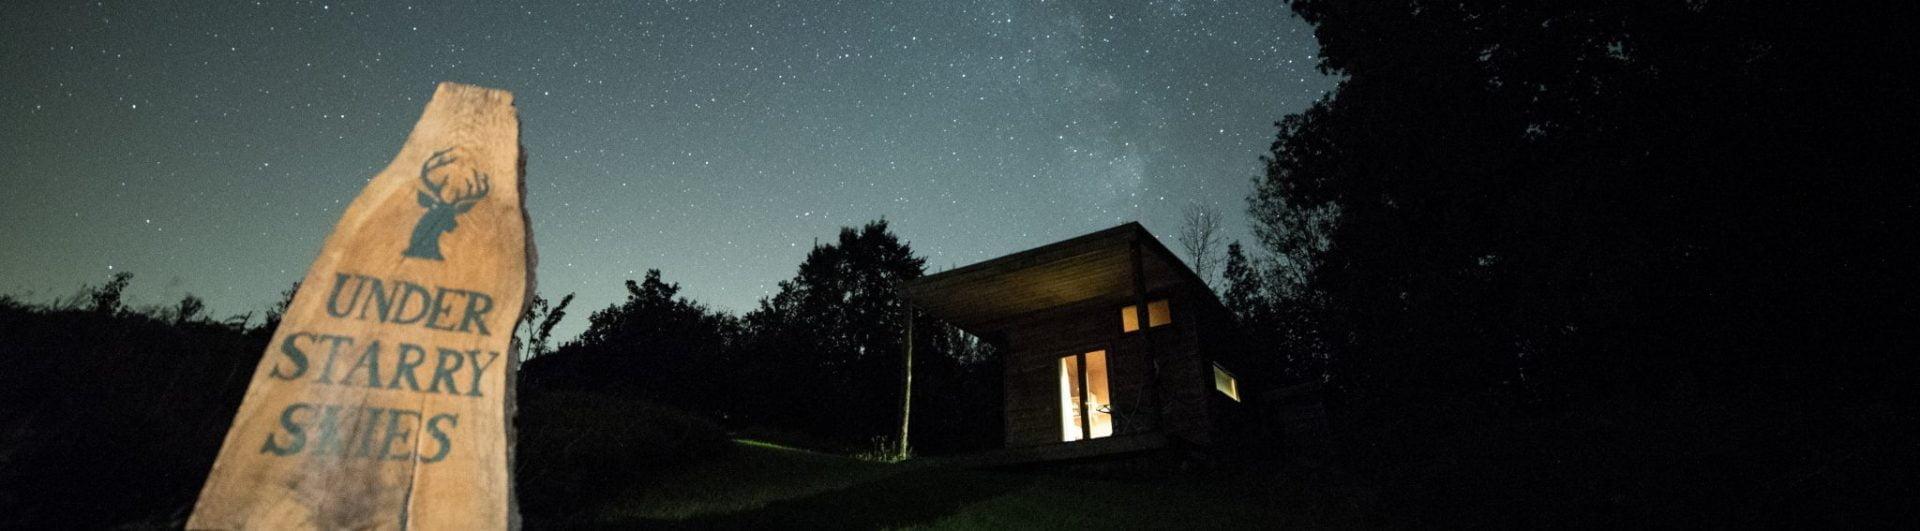 Derwen under the Milky Way